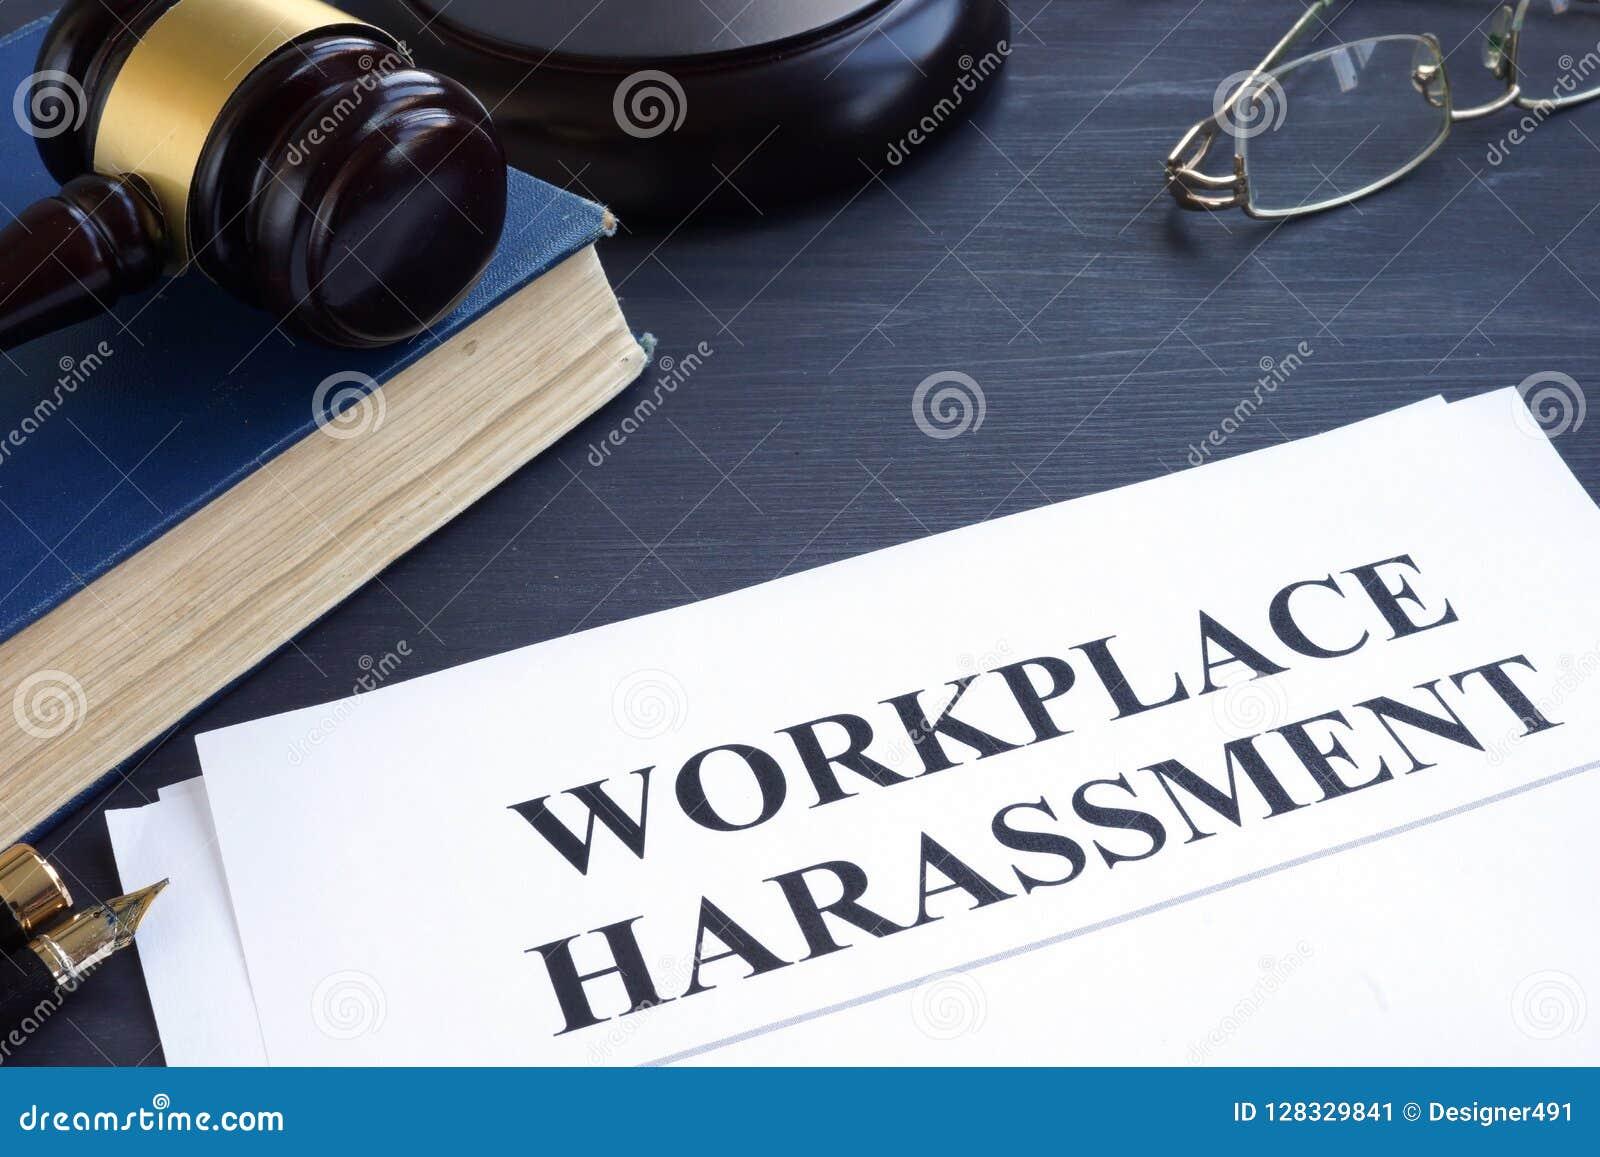 Έγγραφα για την παρενόχληση εργασιακών χώρων σε ένα δικαστήριο